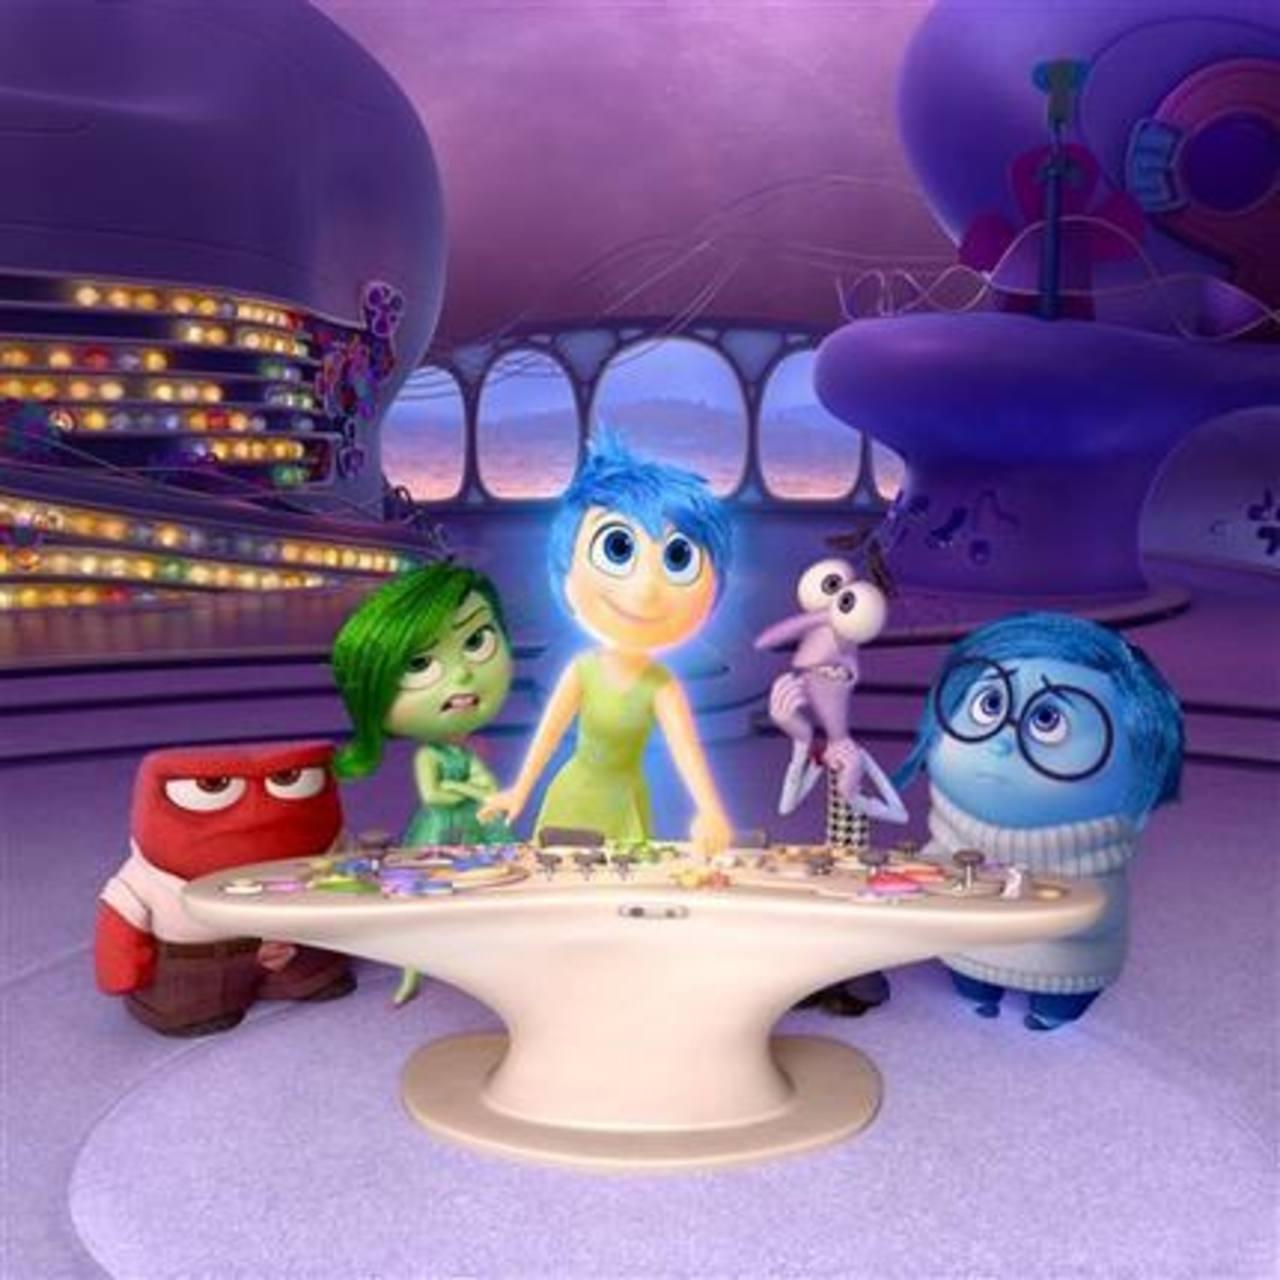 Cada personaje de la película representa una emoción.